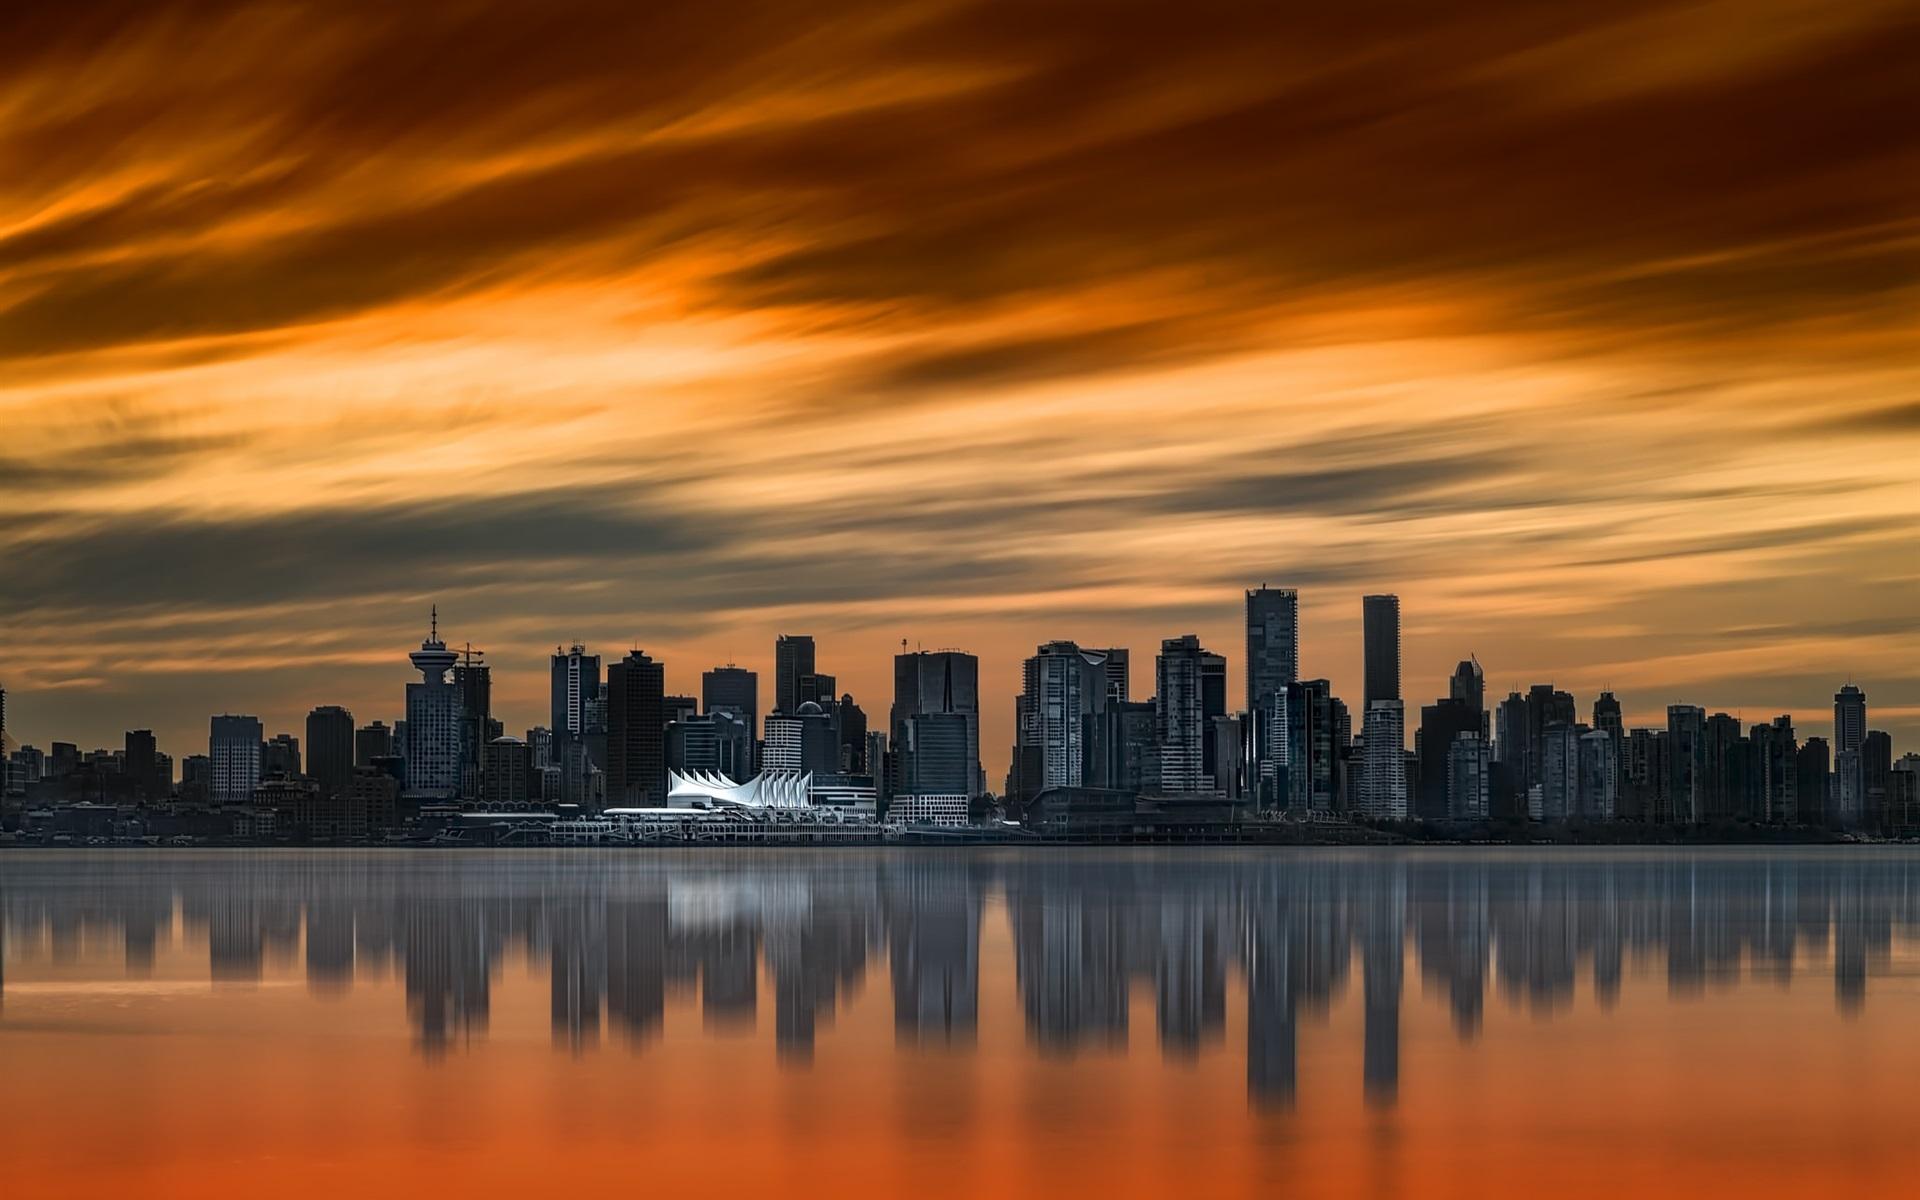 картинки города на закате дня